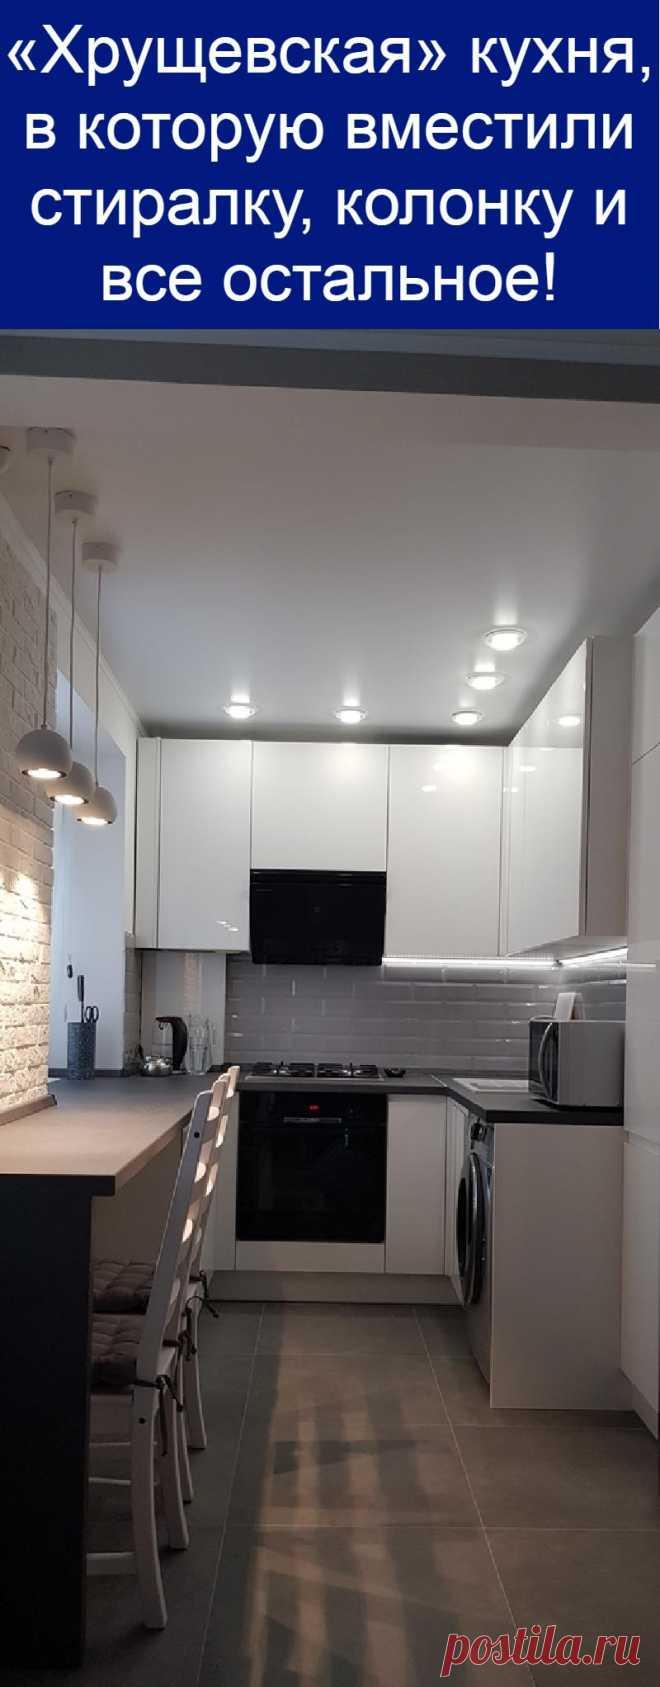 «Хрущевская» кухня, в которую вместили стиралку, колонку и все остальное!